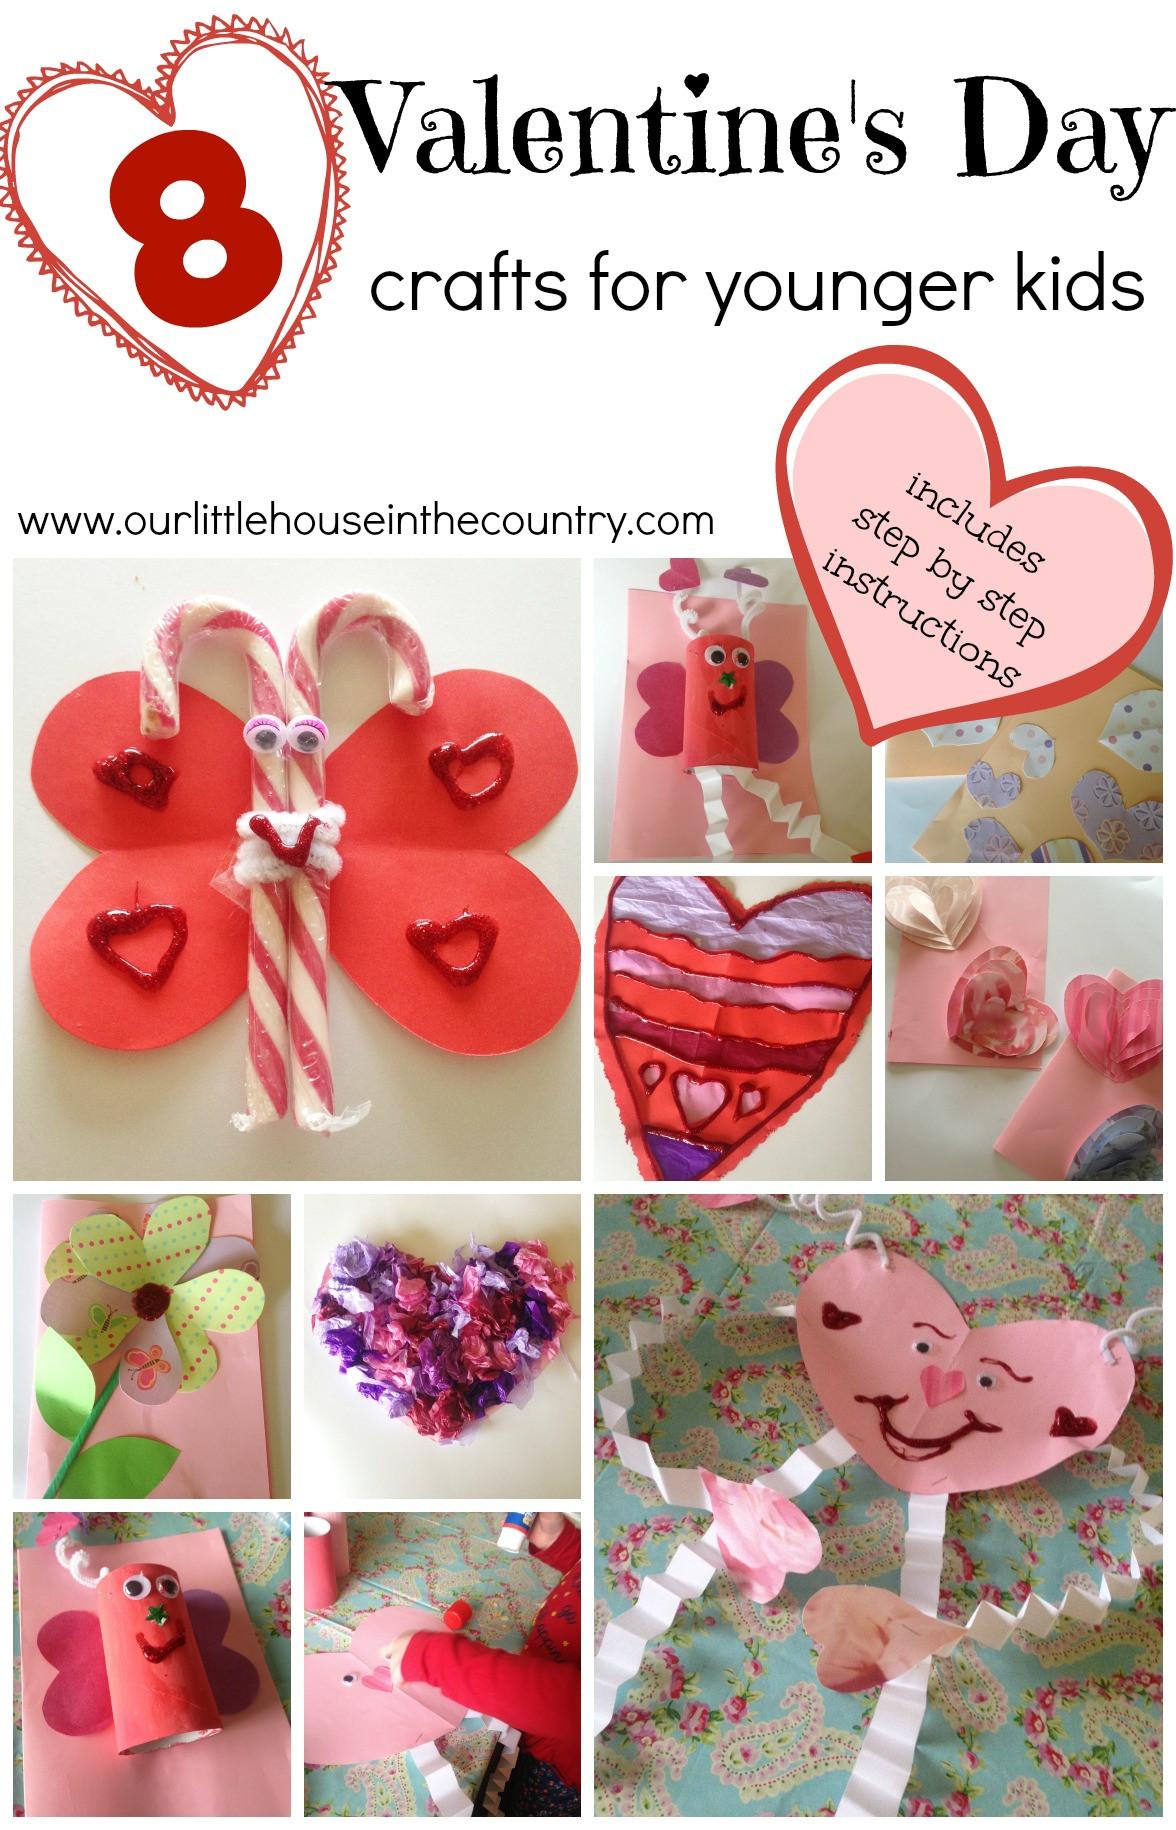 Valentine Craft Preschoolers  Valentine's Day Crafts for Younger Children Preschool and